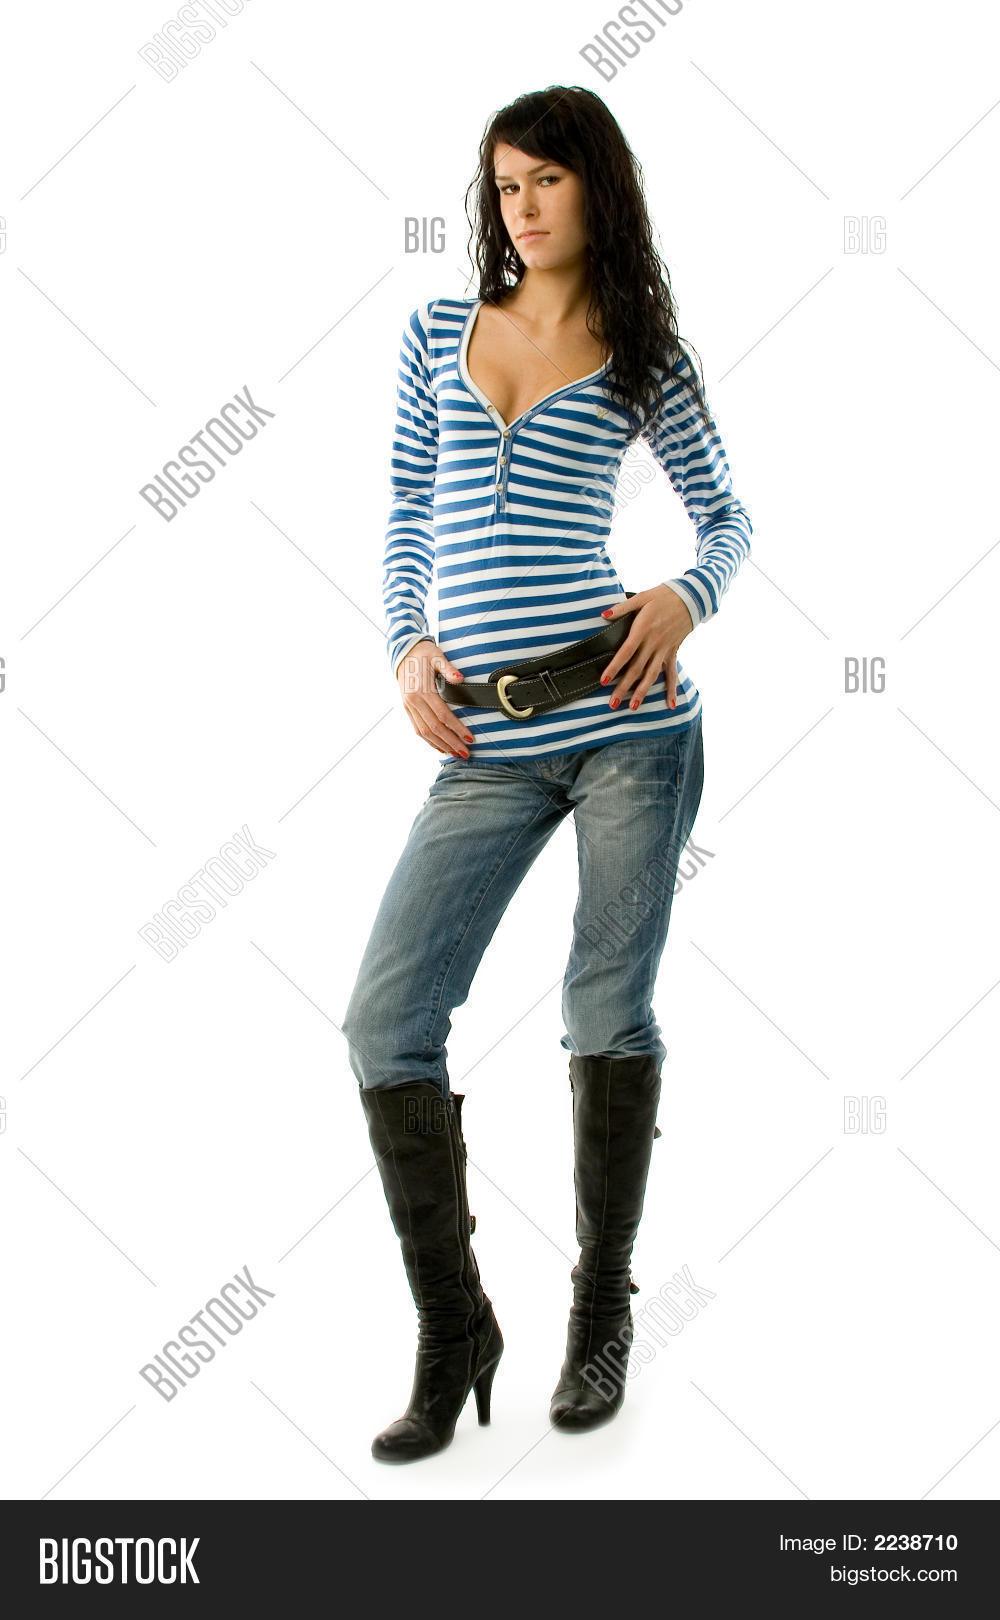 4a41fd1938 http   www.bigstock.com.br image-2238699 stock-photo-belo-retrato ...